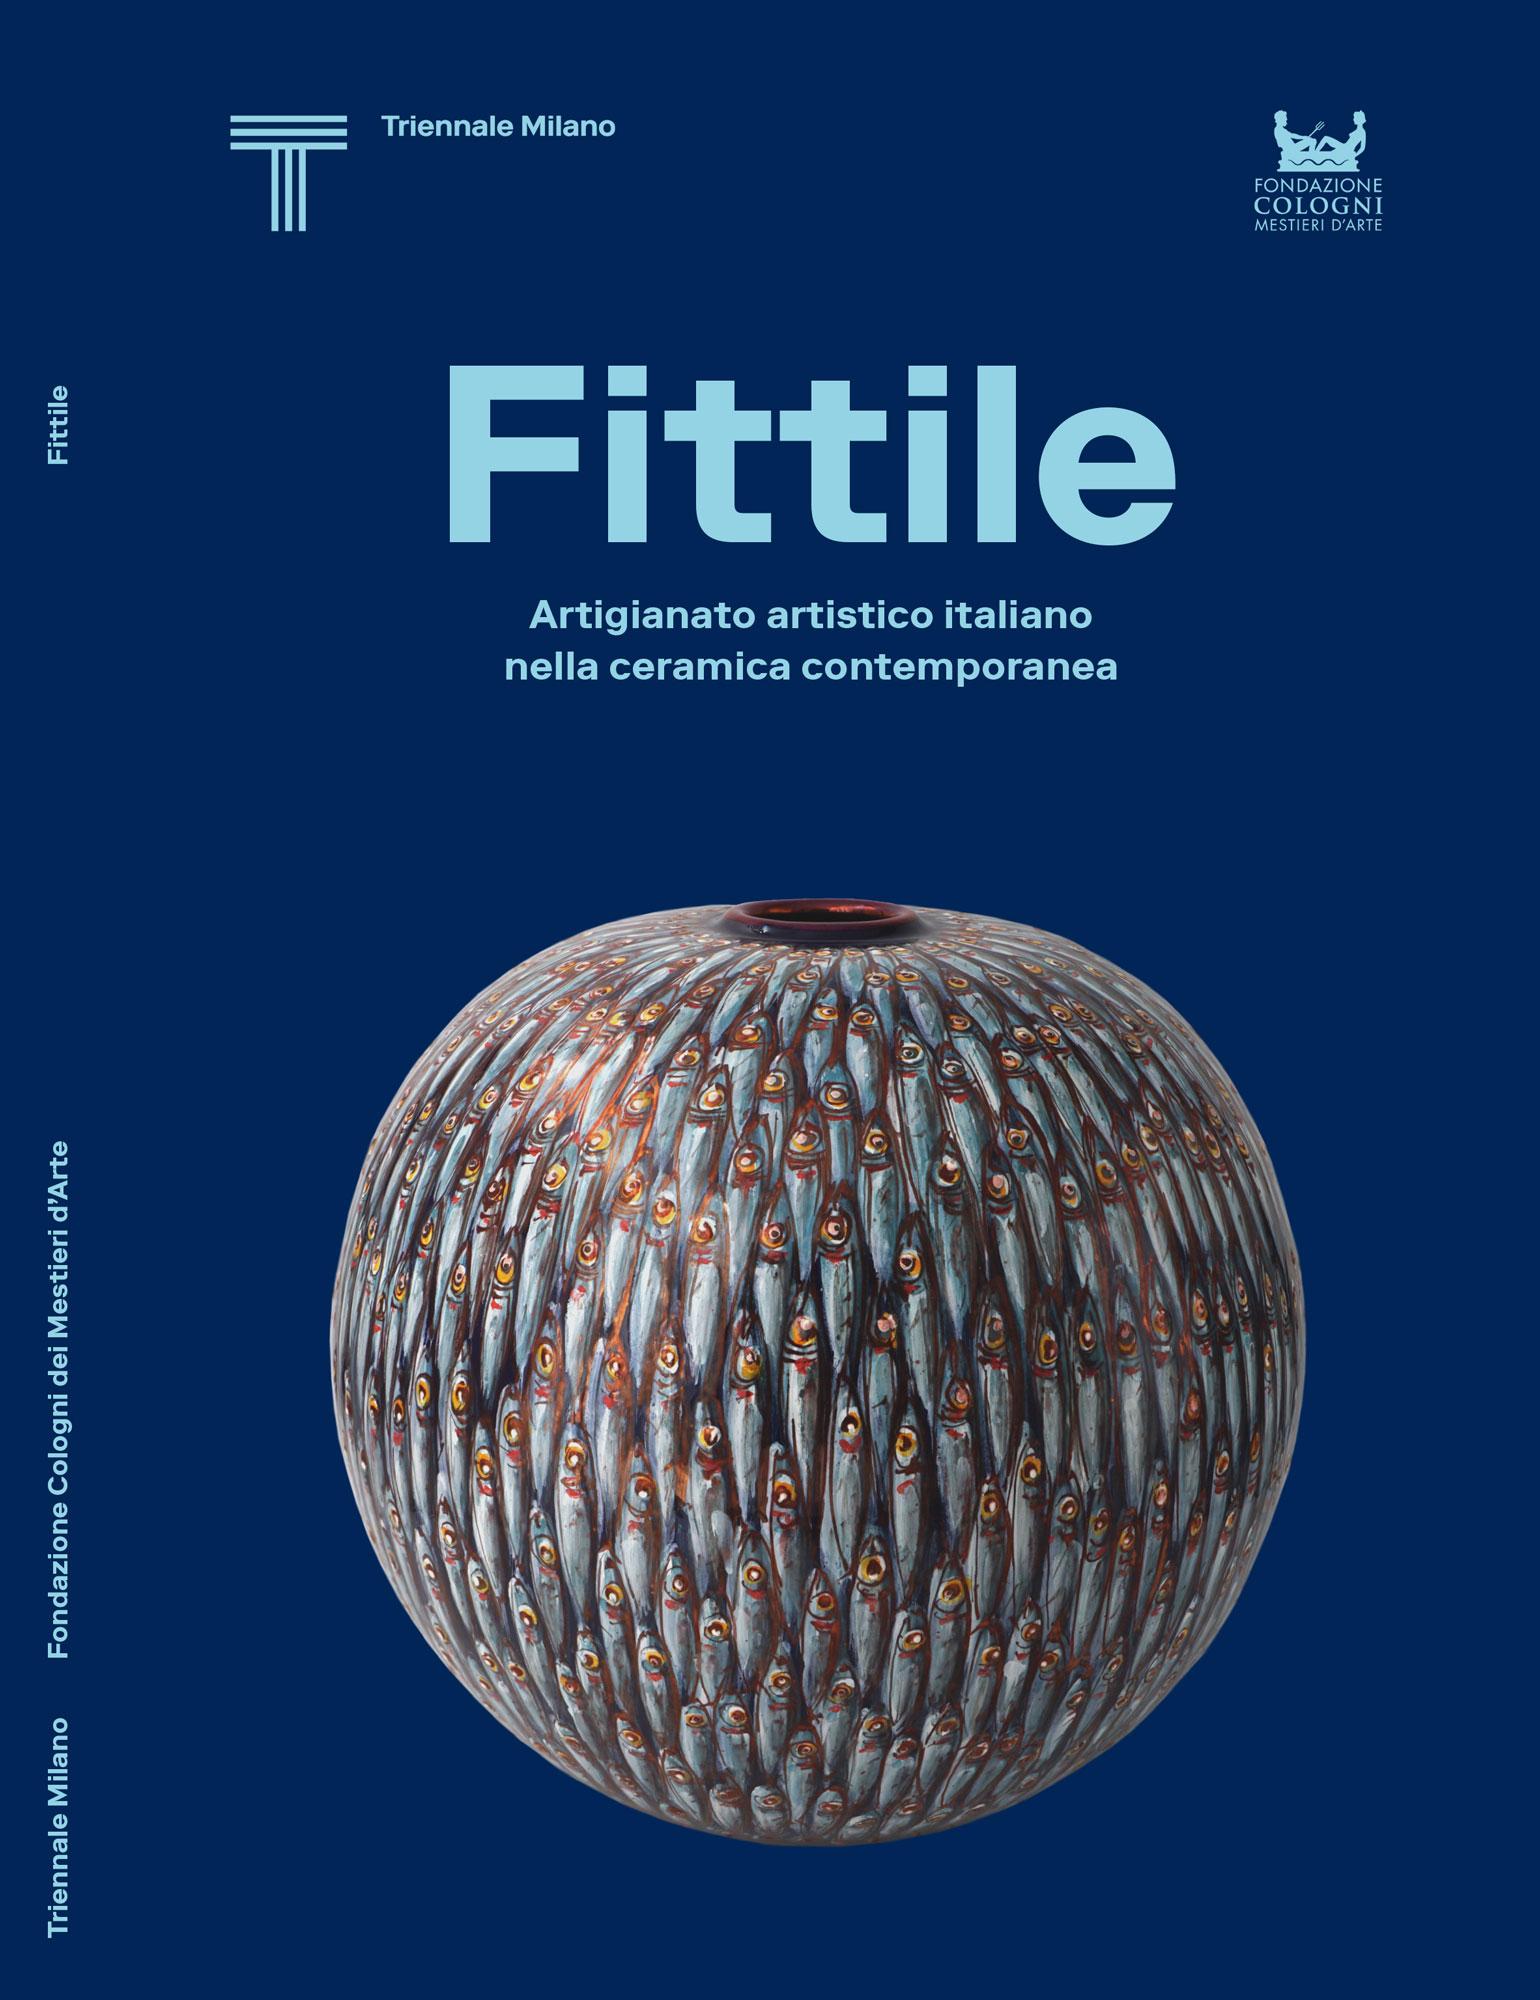 copertina del catalogo dedicato alla mostra Fittile. L'artigianato artistico italiano nella ceramica contemporanea